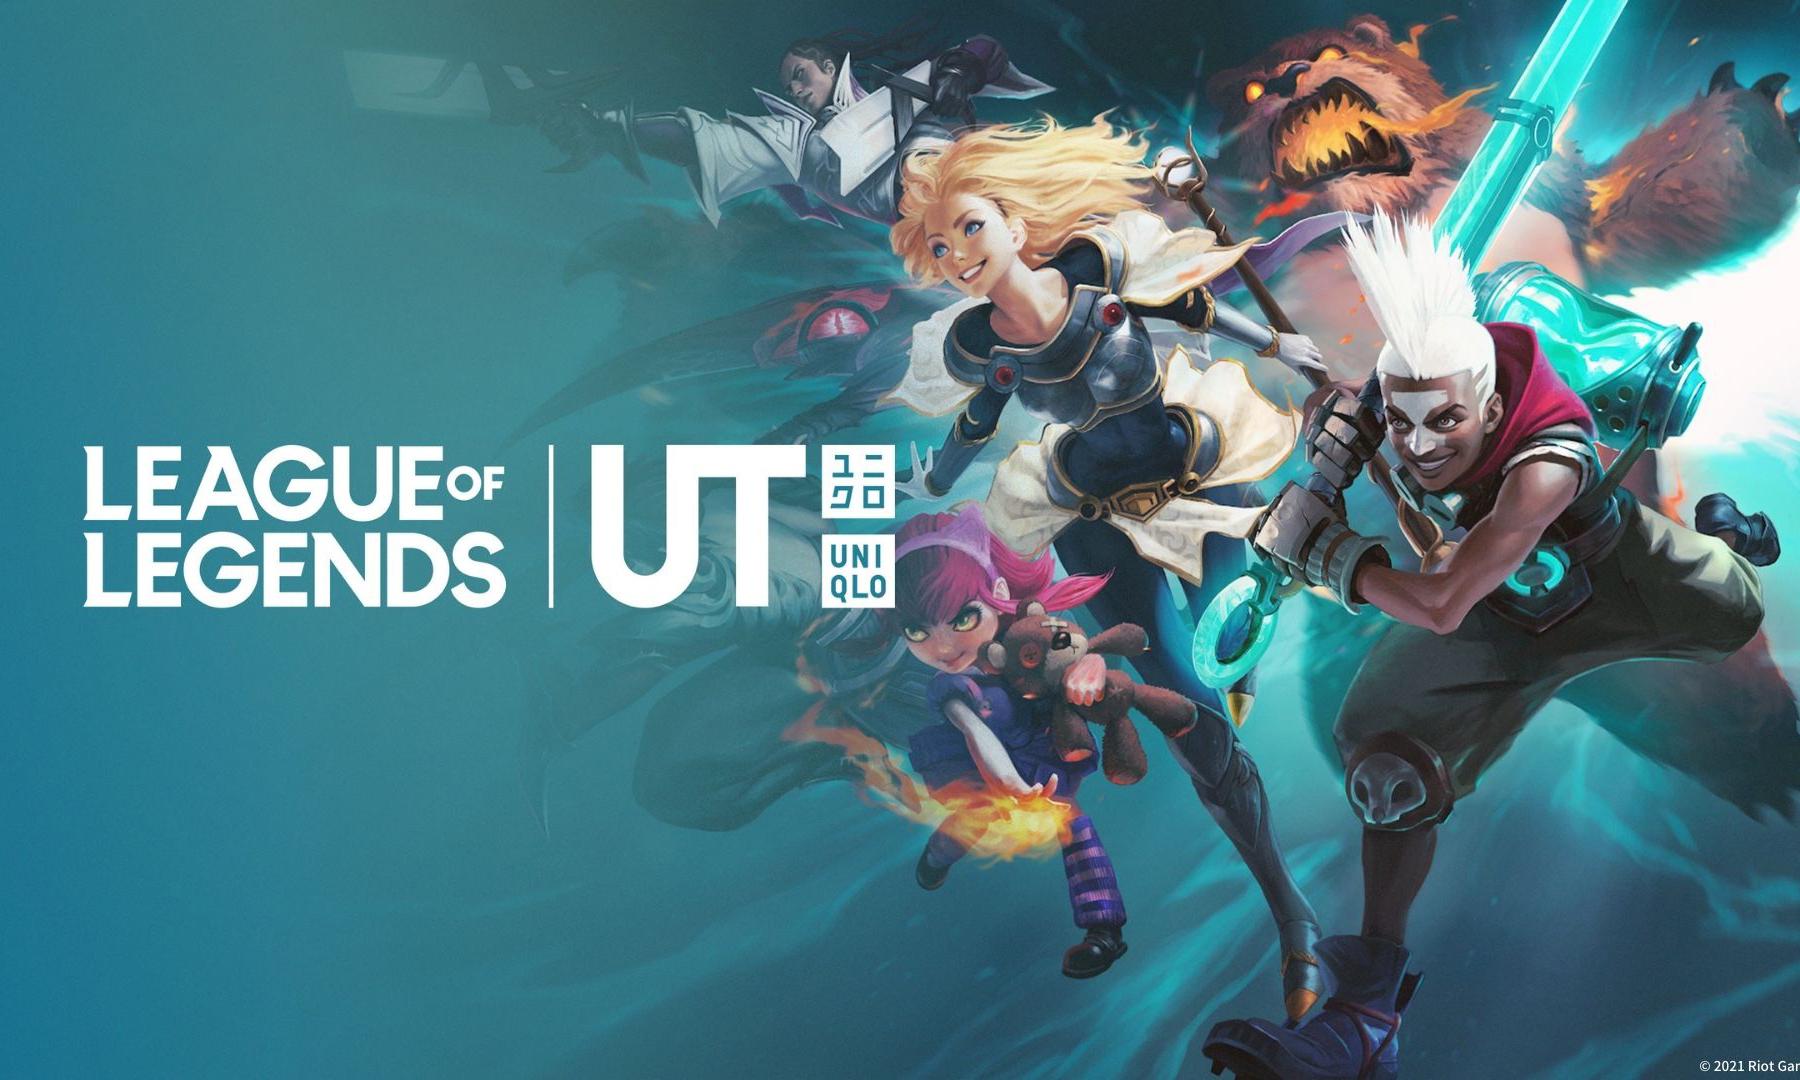 《英雄联盟》x UNIQLO UT 联名系列即将开售